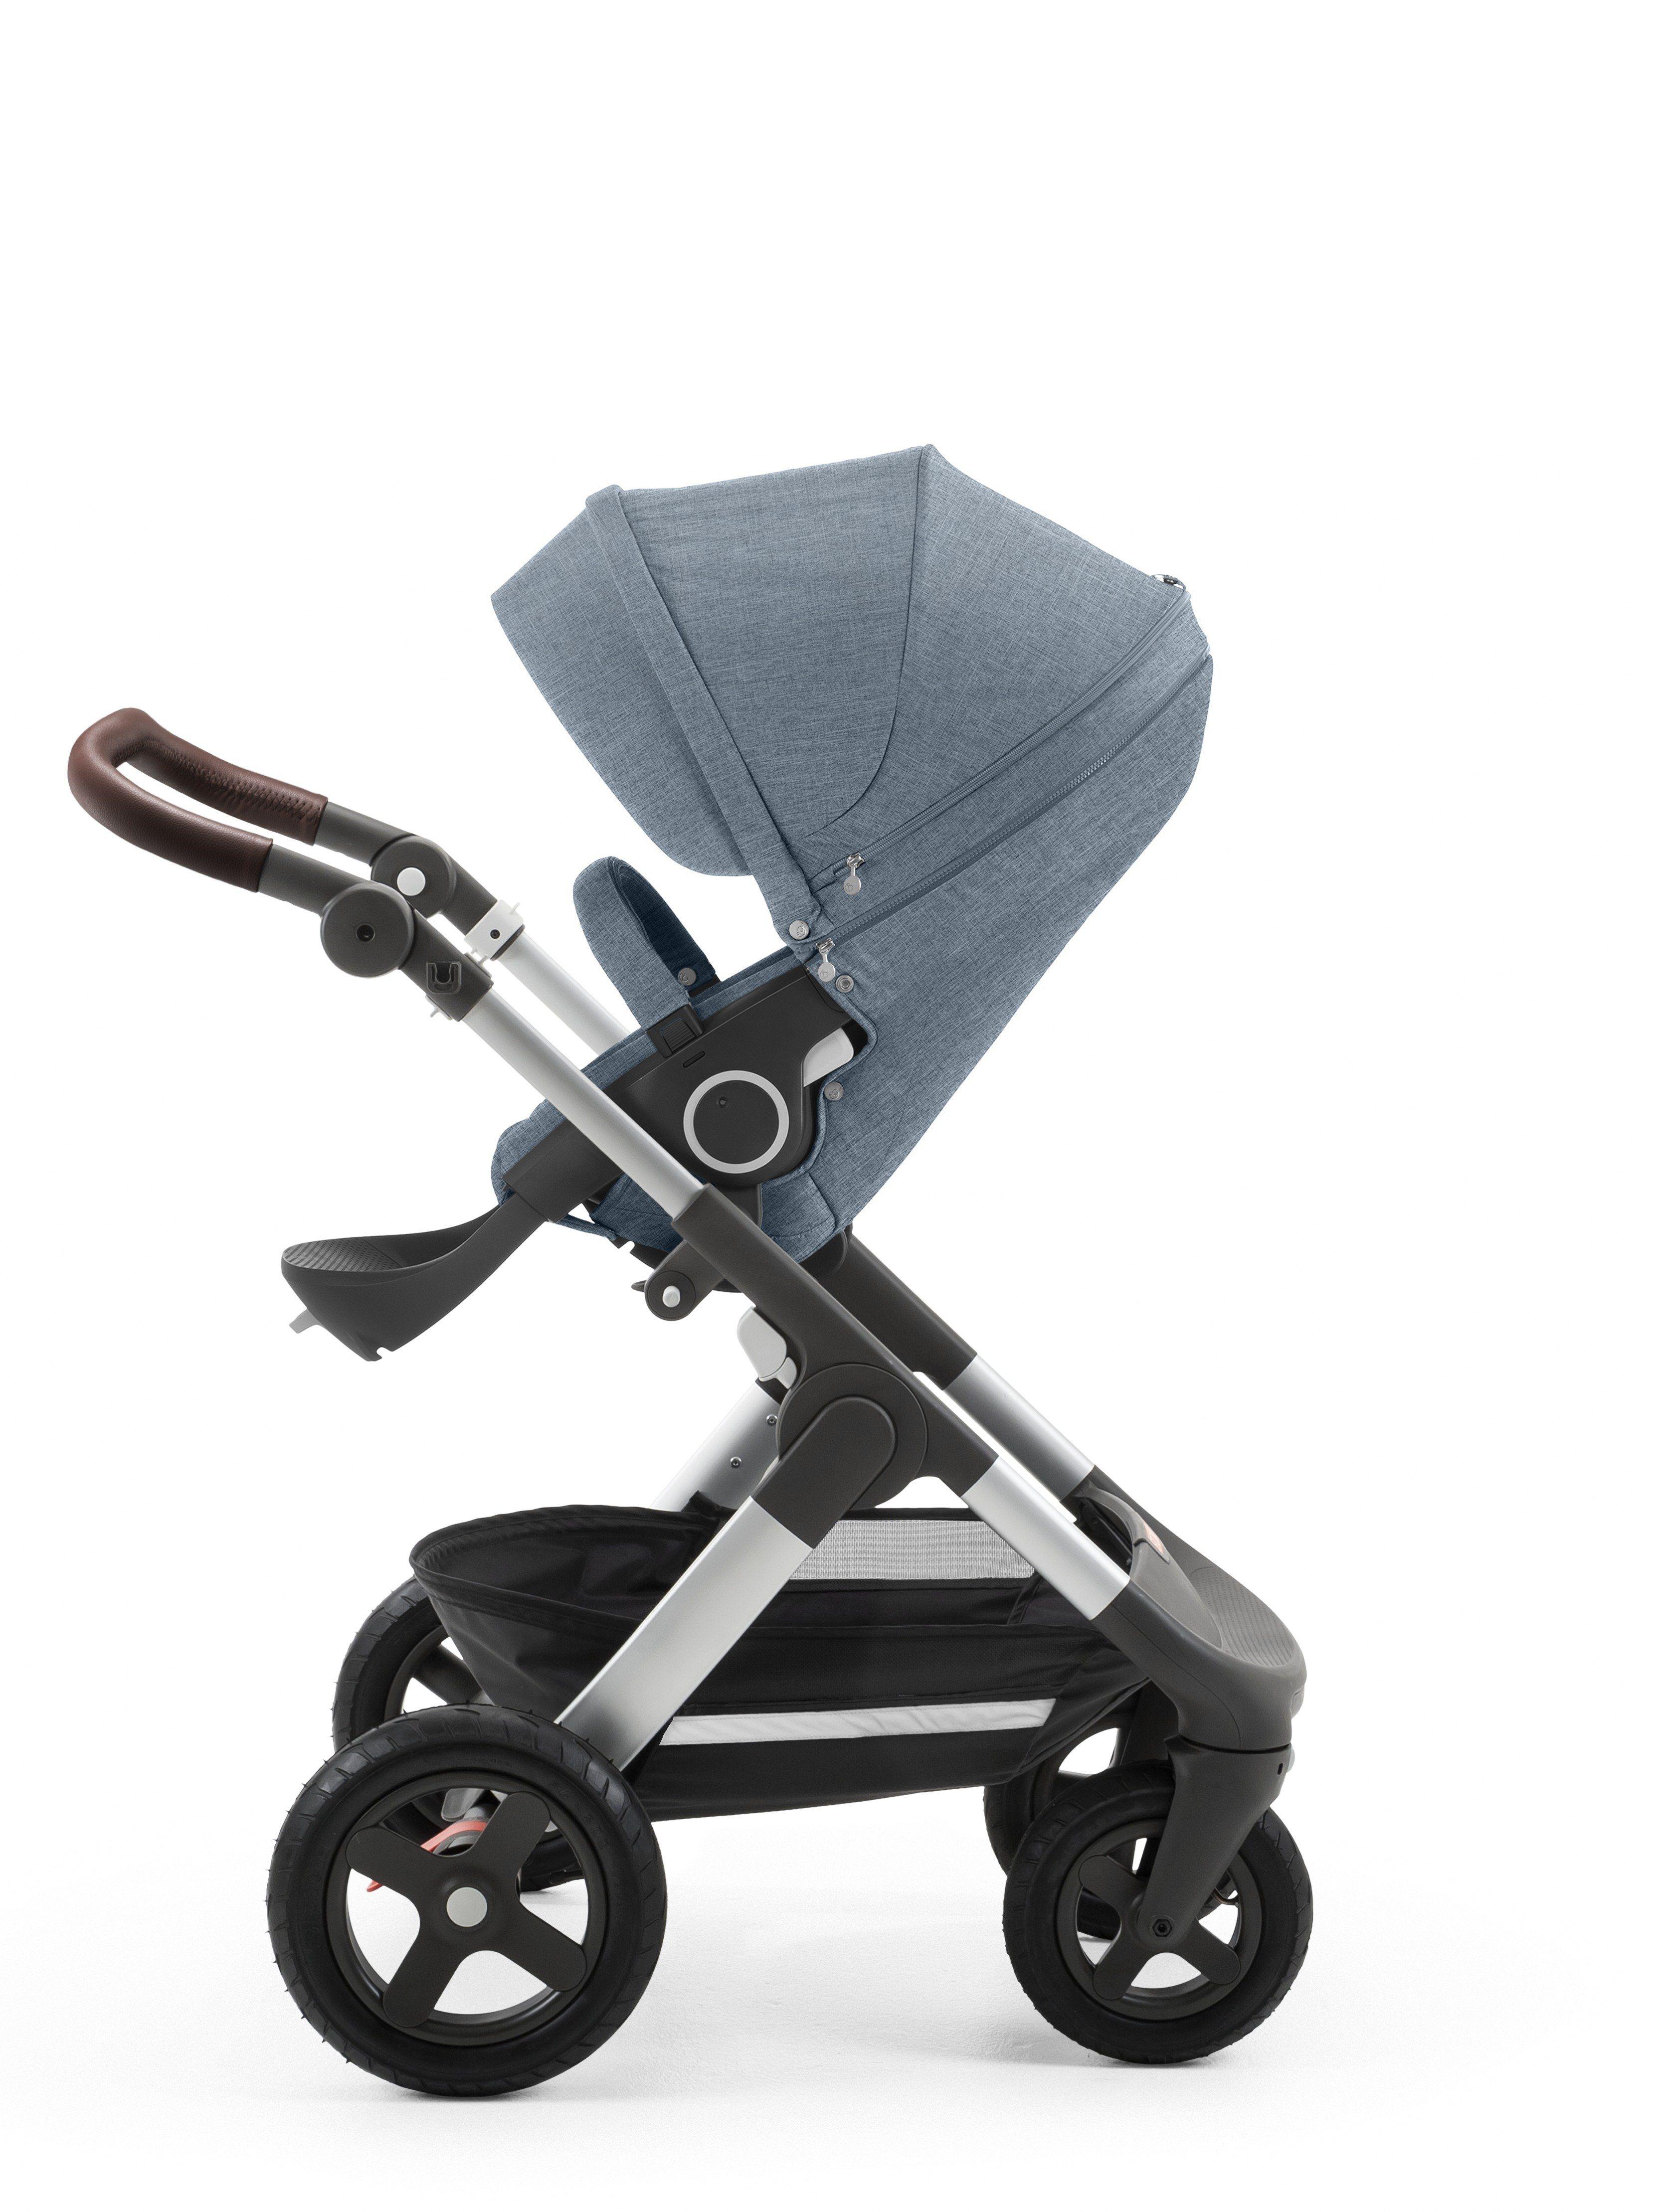 Stokke Trailz Stroller Nordic Blue with AllTerrain